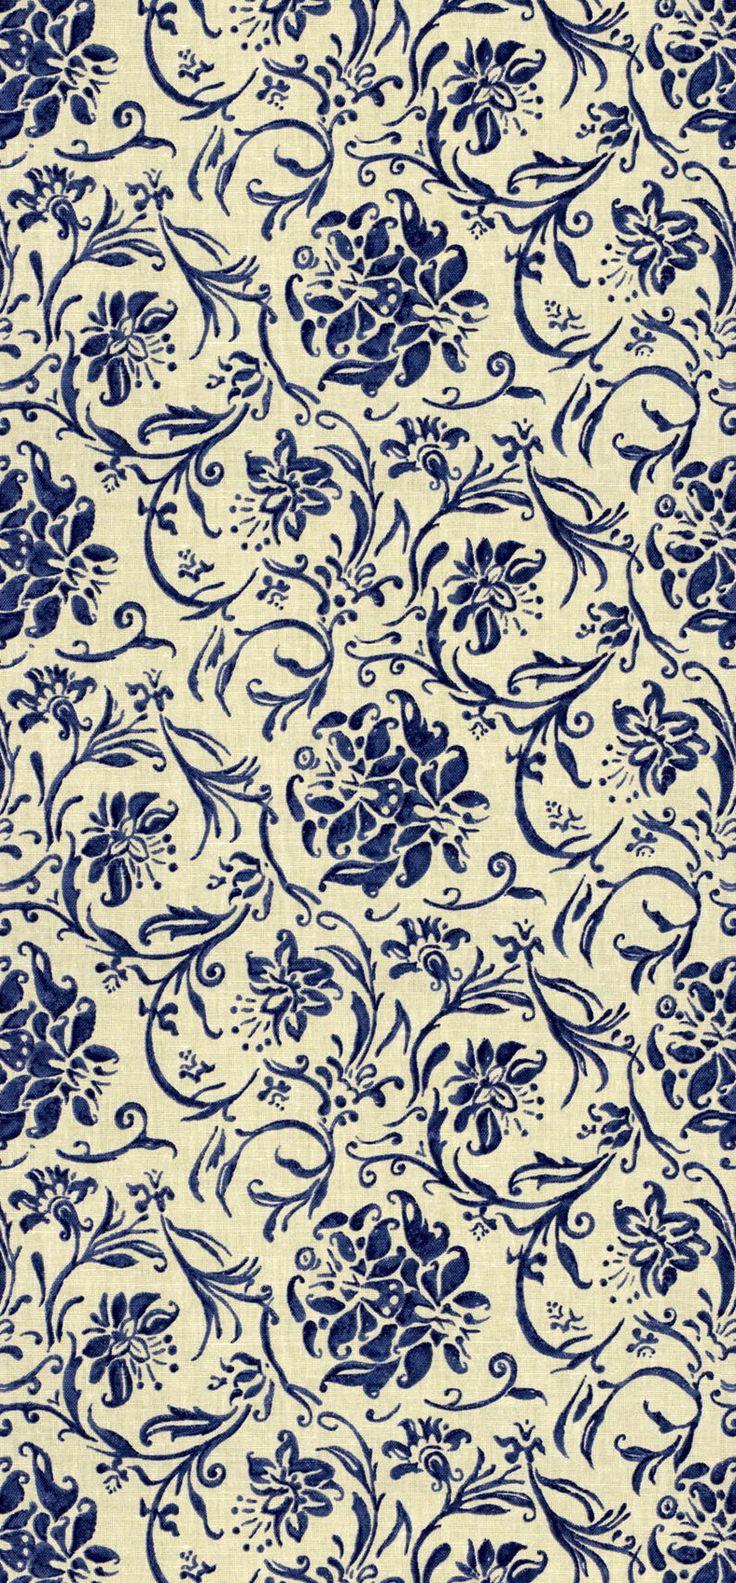 532 Besten Wei Blau Bilder Auf Pinterest Becher